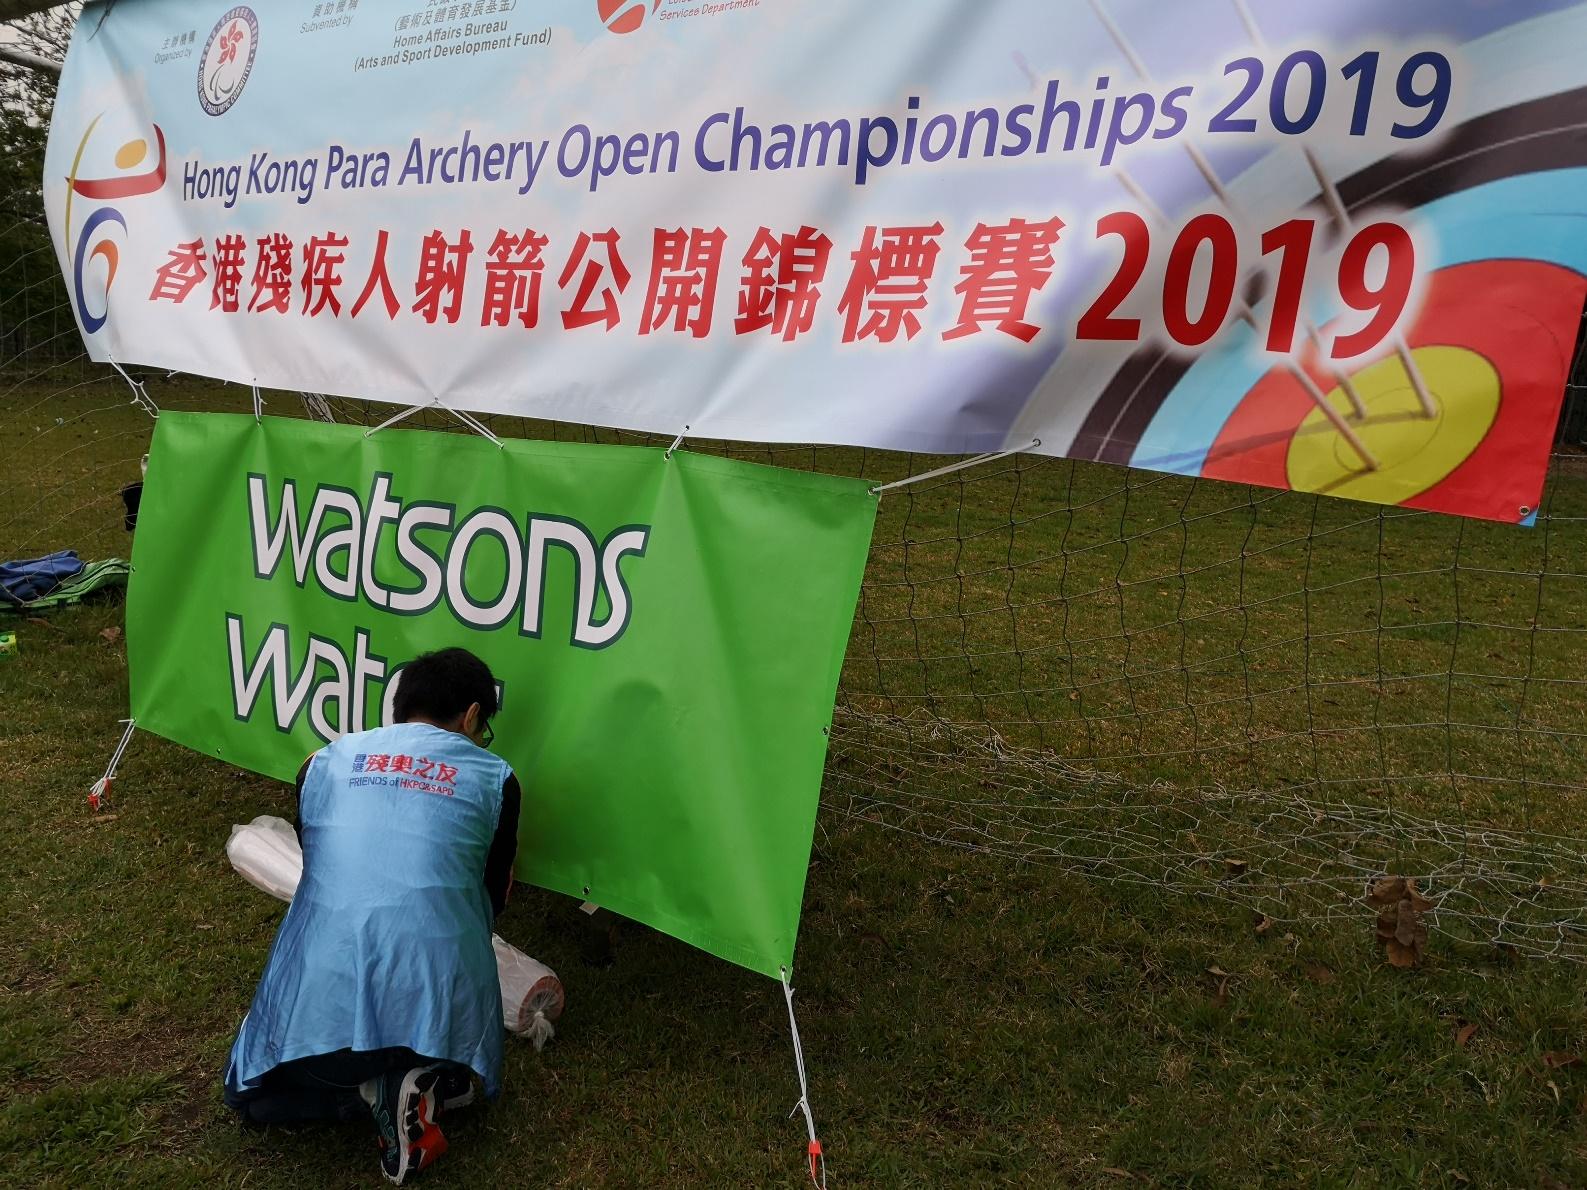 香港殘疾人射箭公開錦標賽